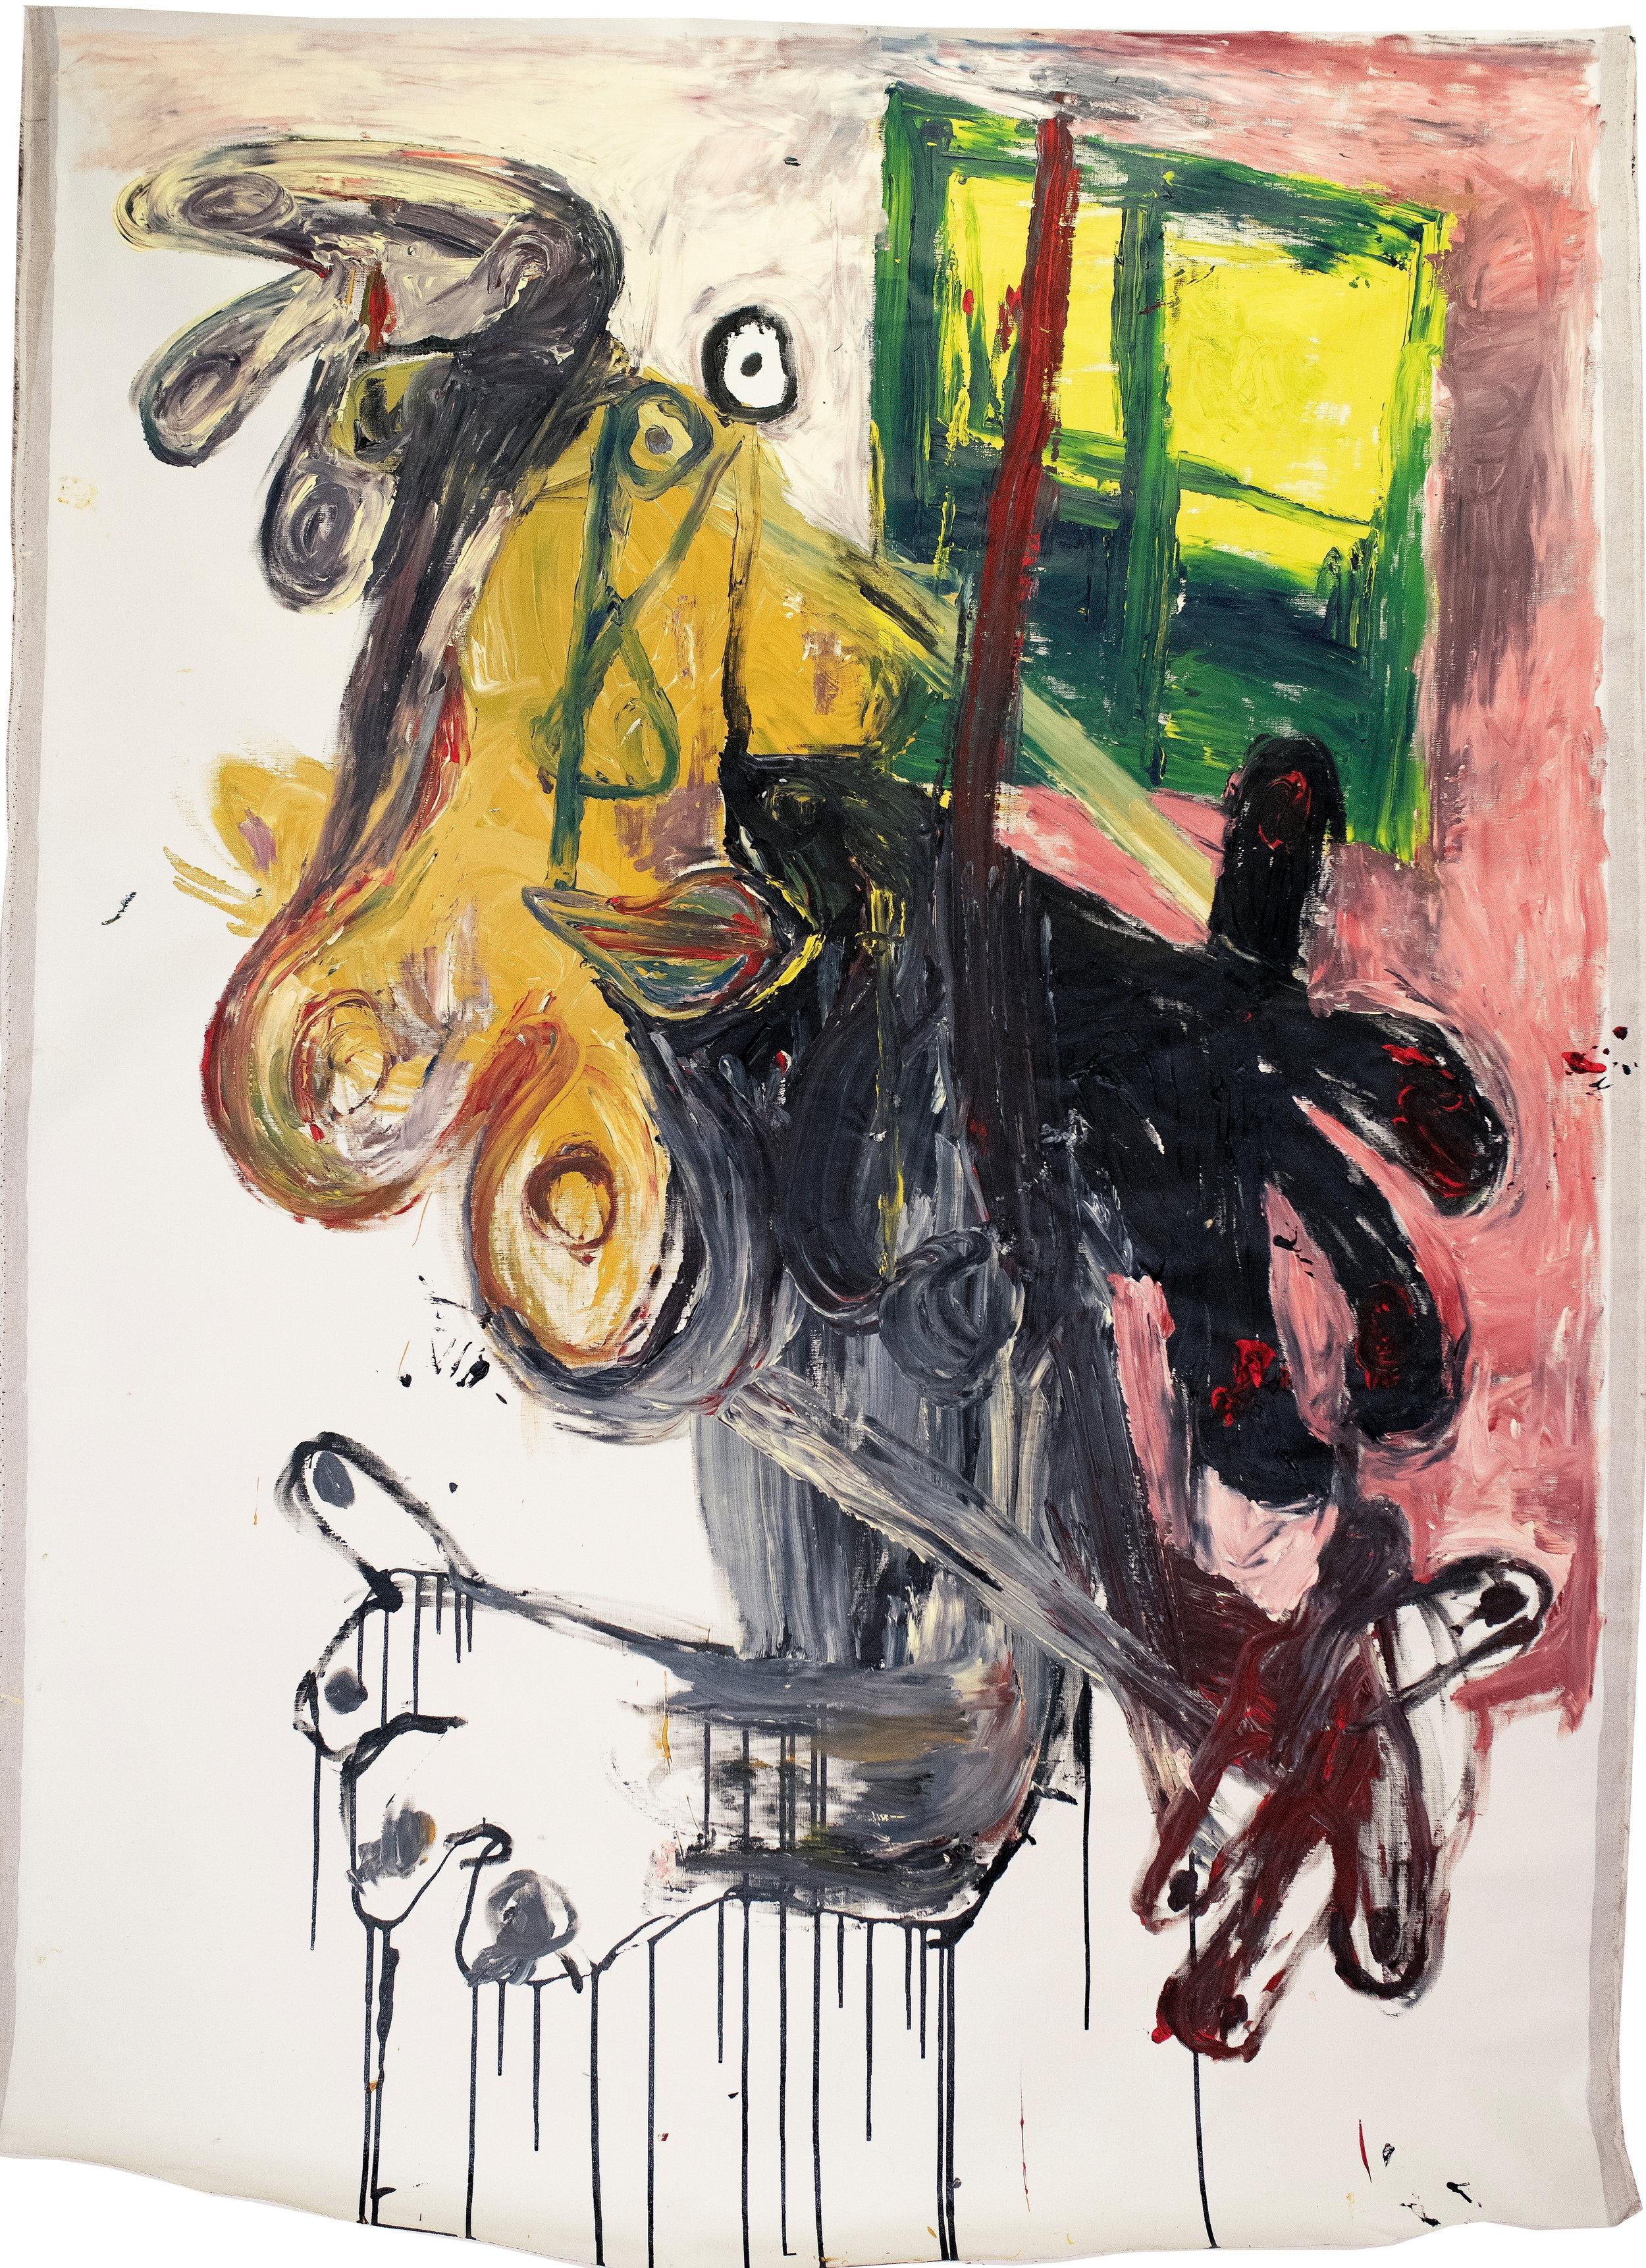 Comment je peins certaines de mes peintures - PERFORMANCE DE JOJI NAKAMURAPrésenté par The ContainerMardi 16 Octobre à 18:00 (sur invitation uniquement)